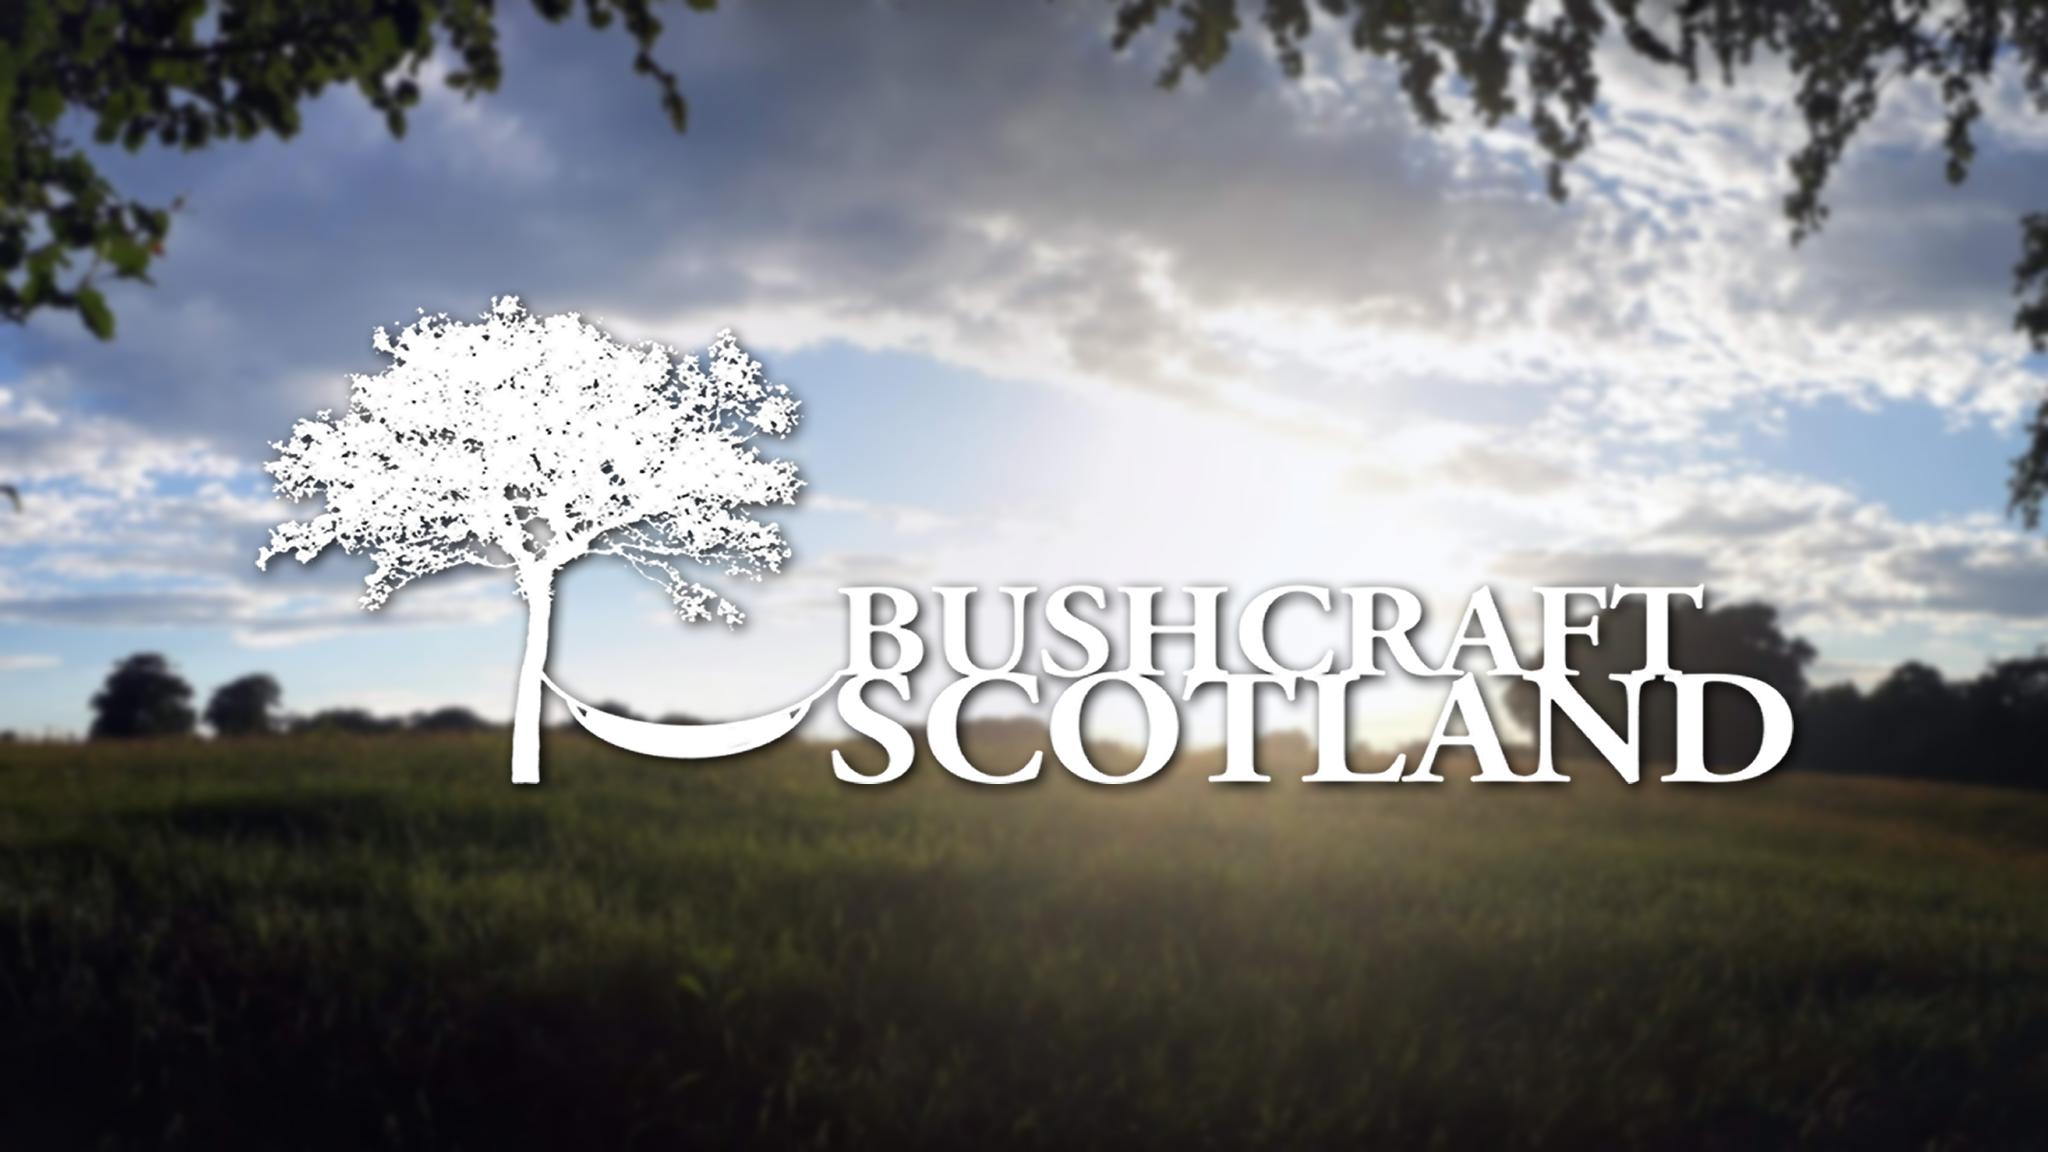 Bushcraft Scotland